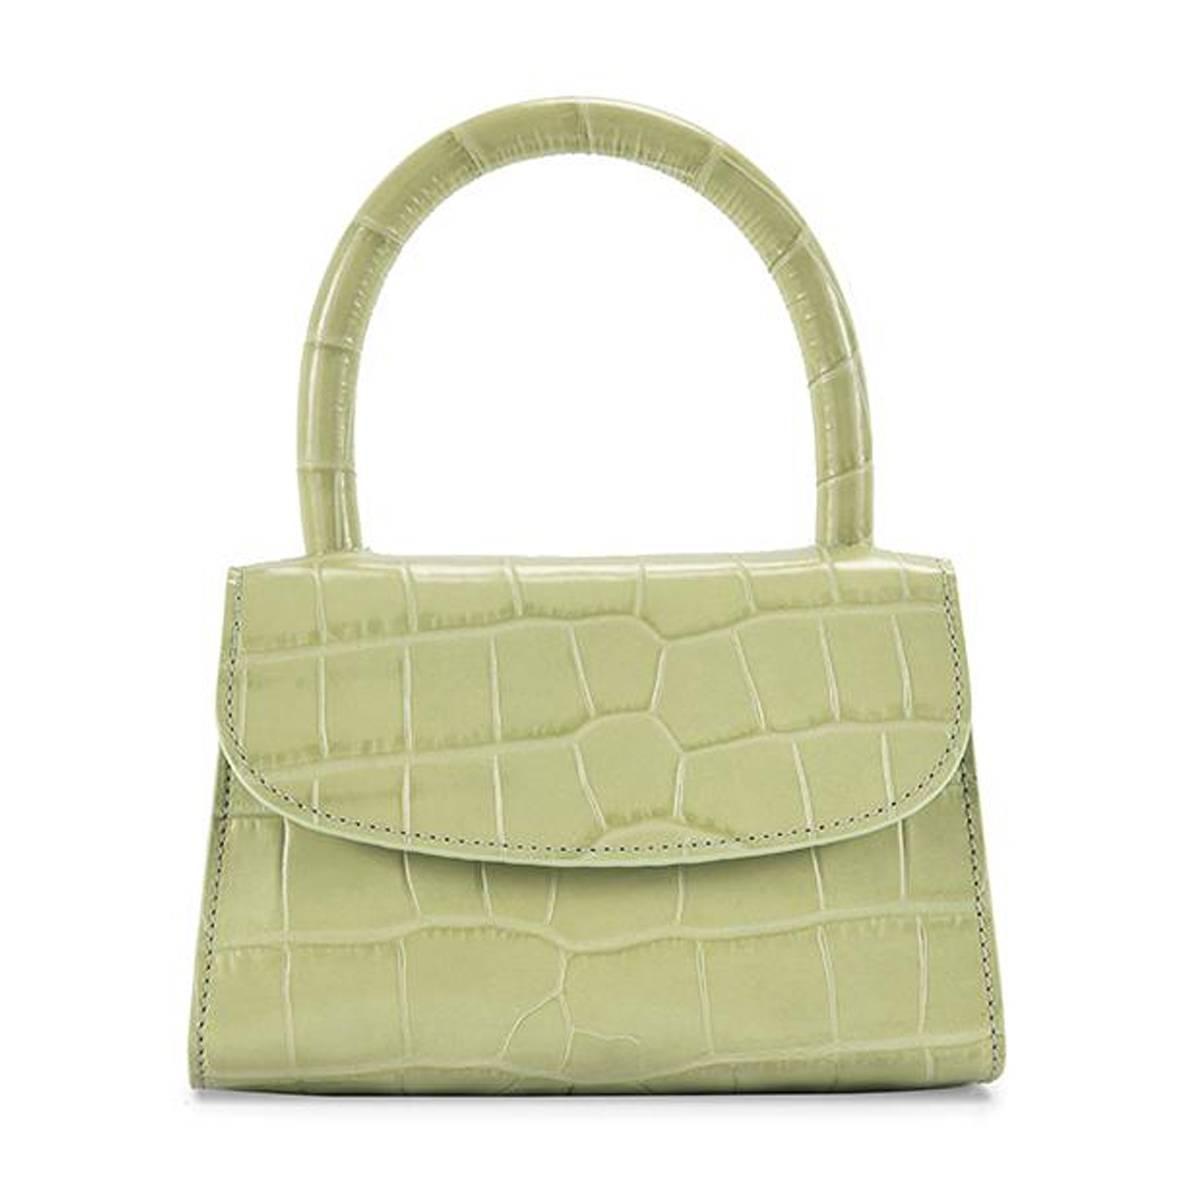 3ece71b1d71 Handtassenlabels ontwerpen tegenwoordig maar al te graag tasjes die recht  uit de persoonlijke collectie van de royals lijken te komen.